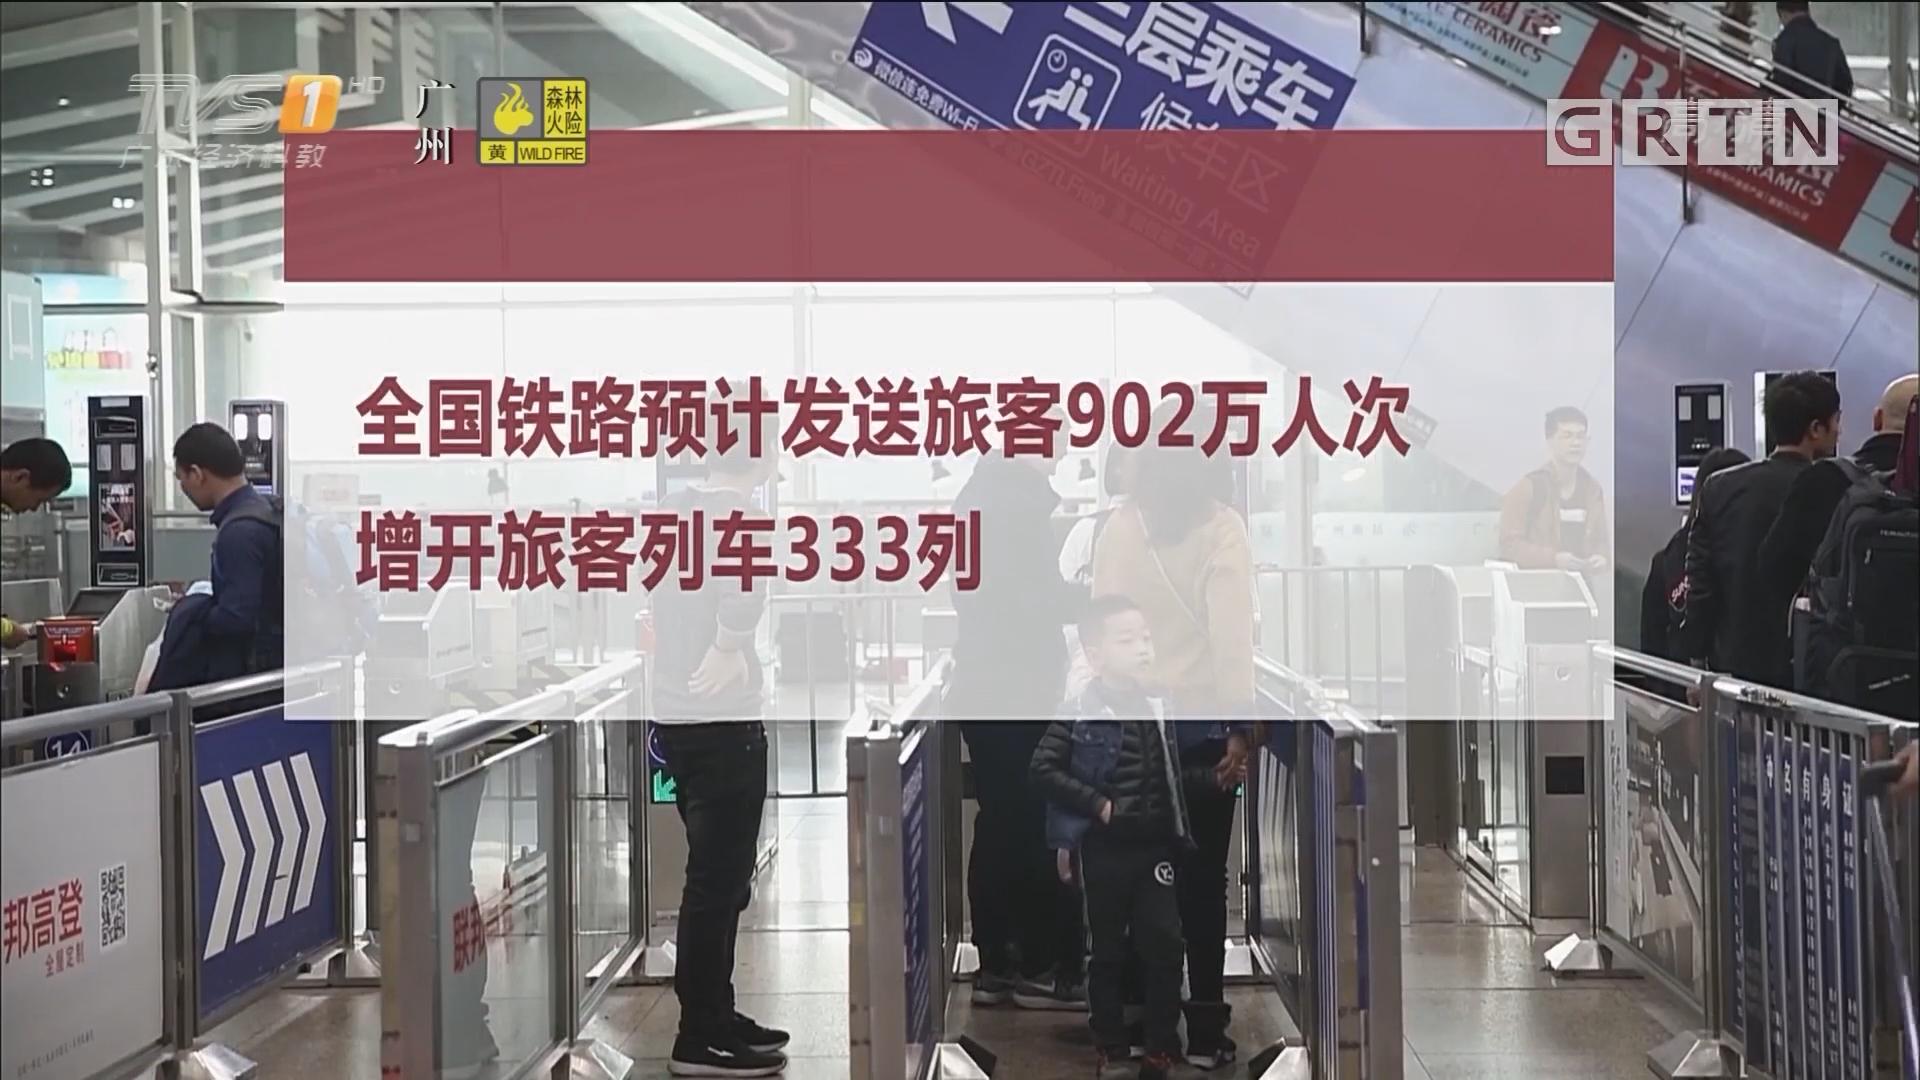 铁路客流持续回升:初三全国发送旅客902万人次